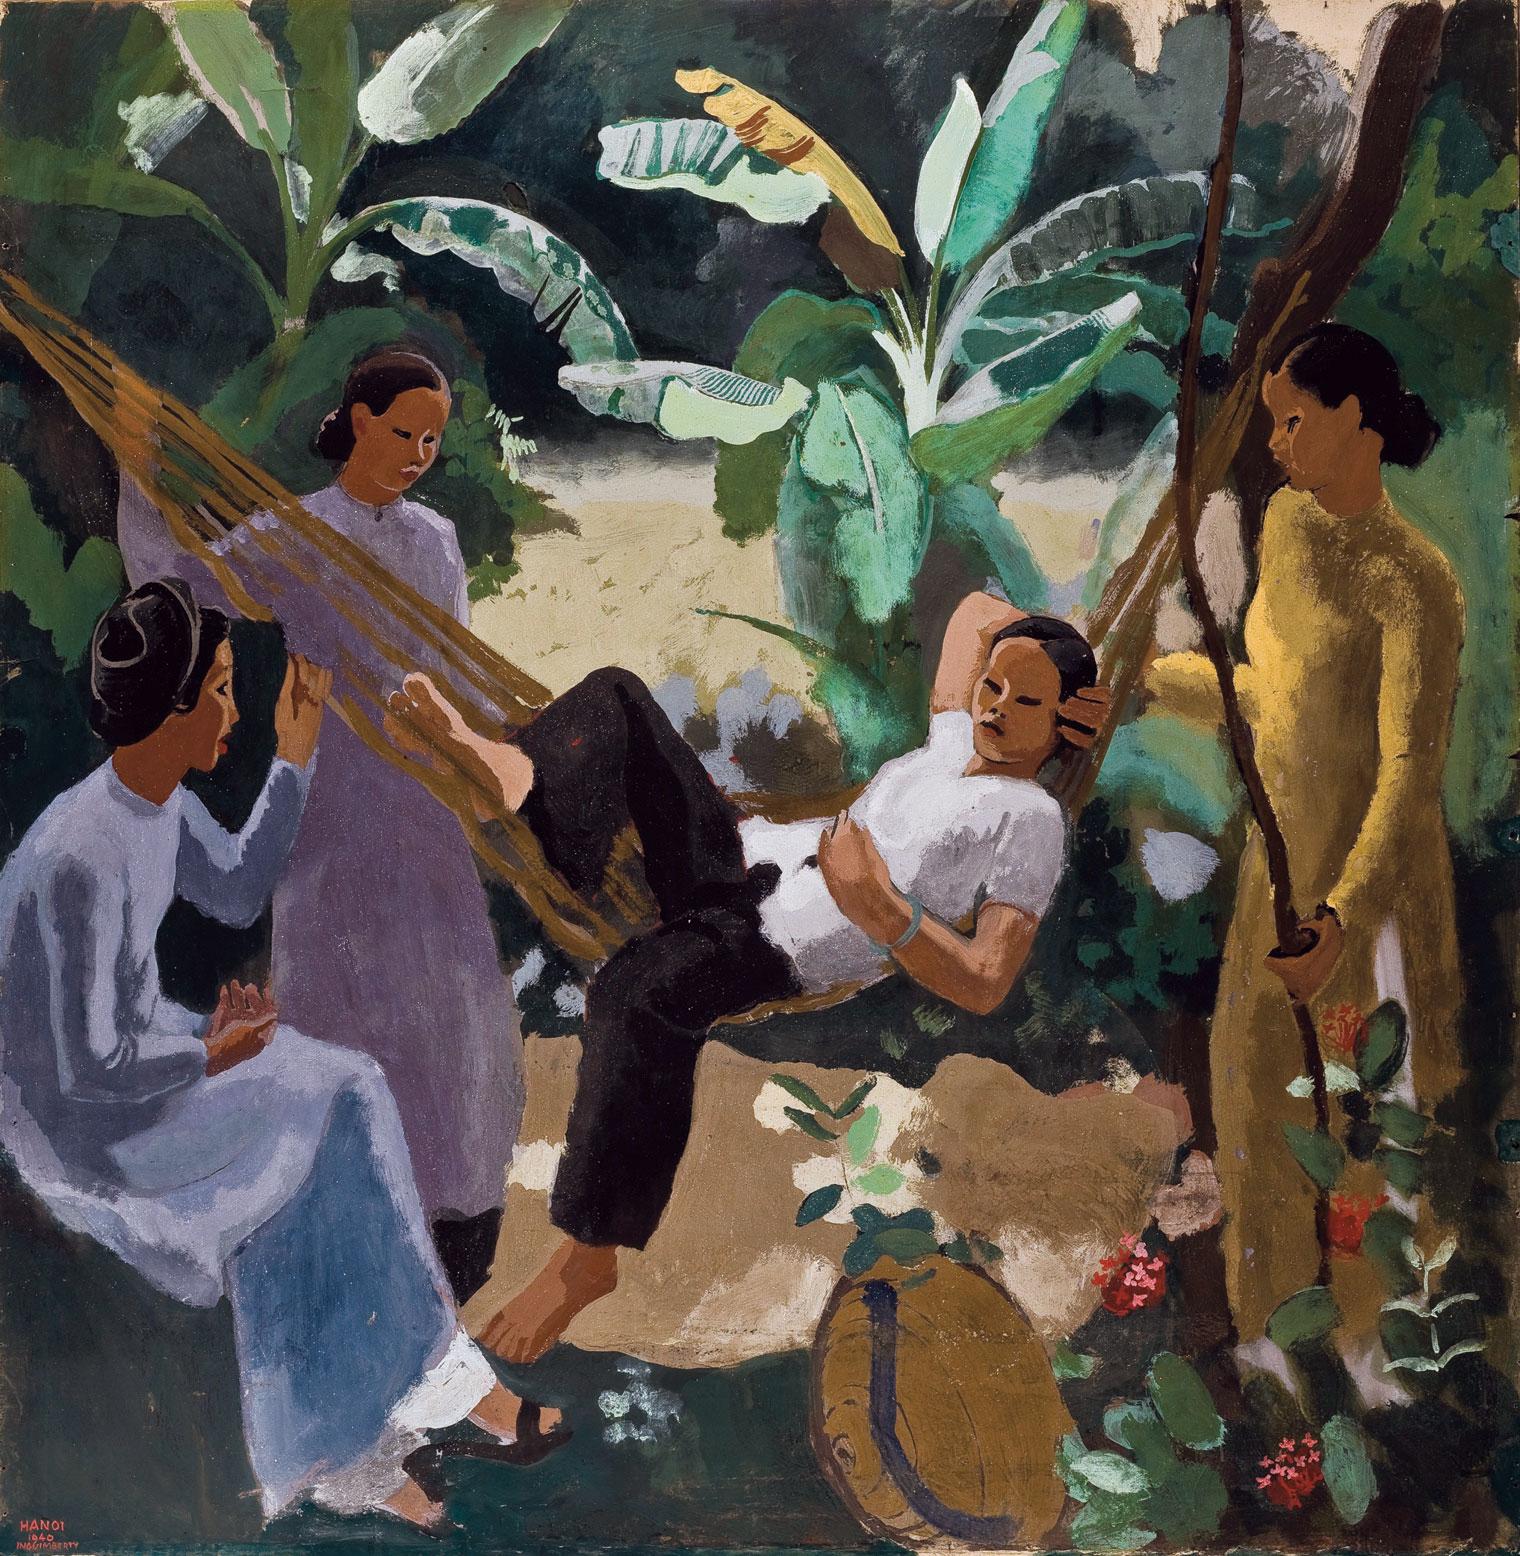 Femme au hamac (Woman in a hammock)